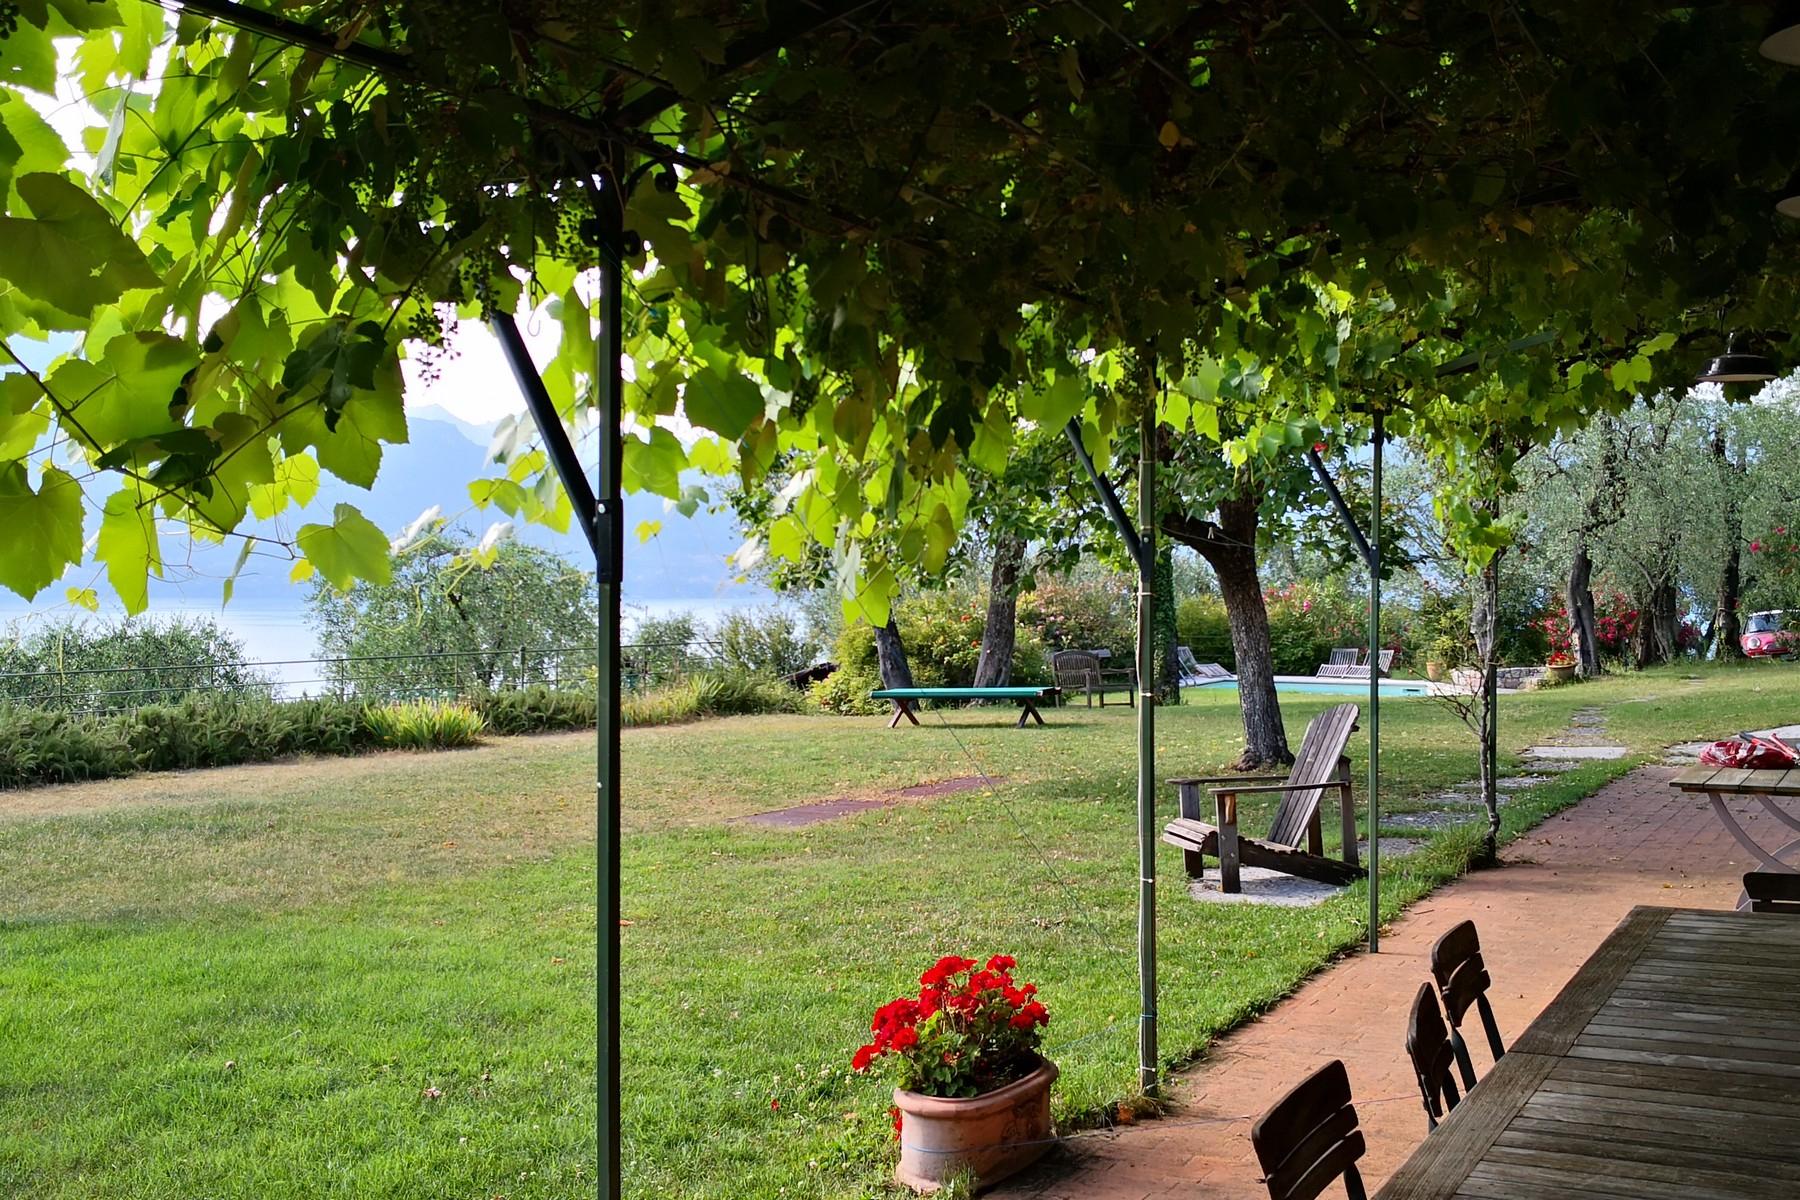 Rustico in Vendita a Torri Del Benaco: 5 locali, 450 mq - Foto 16